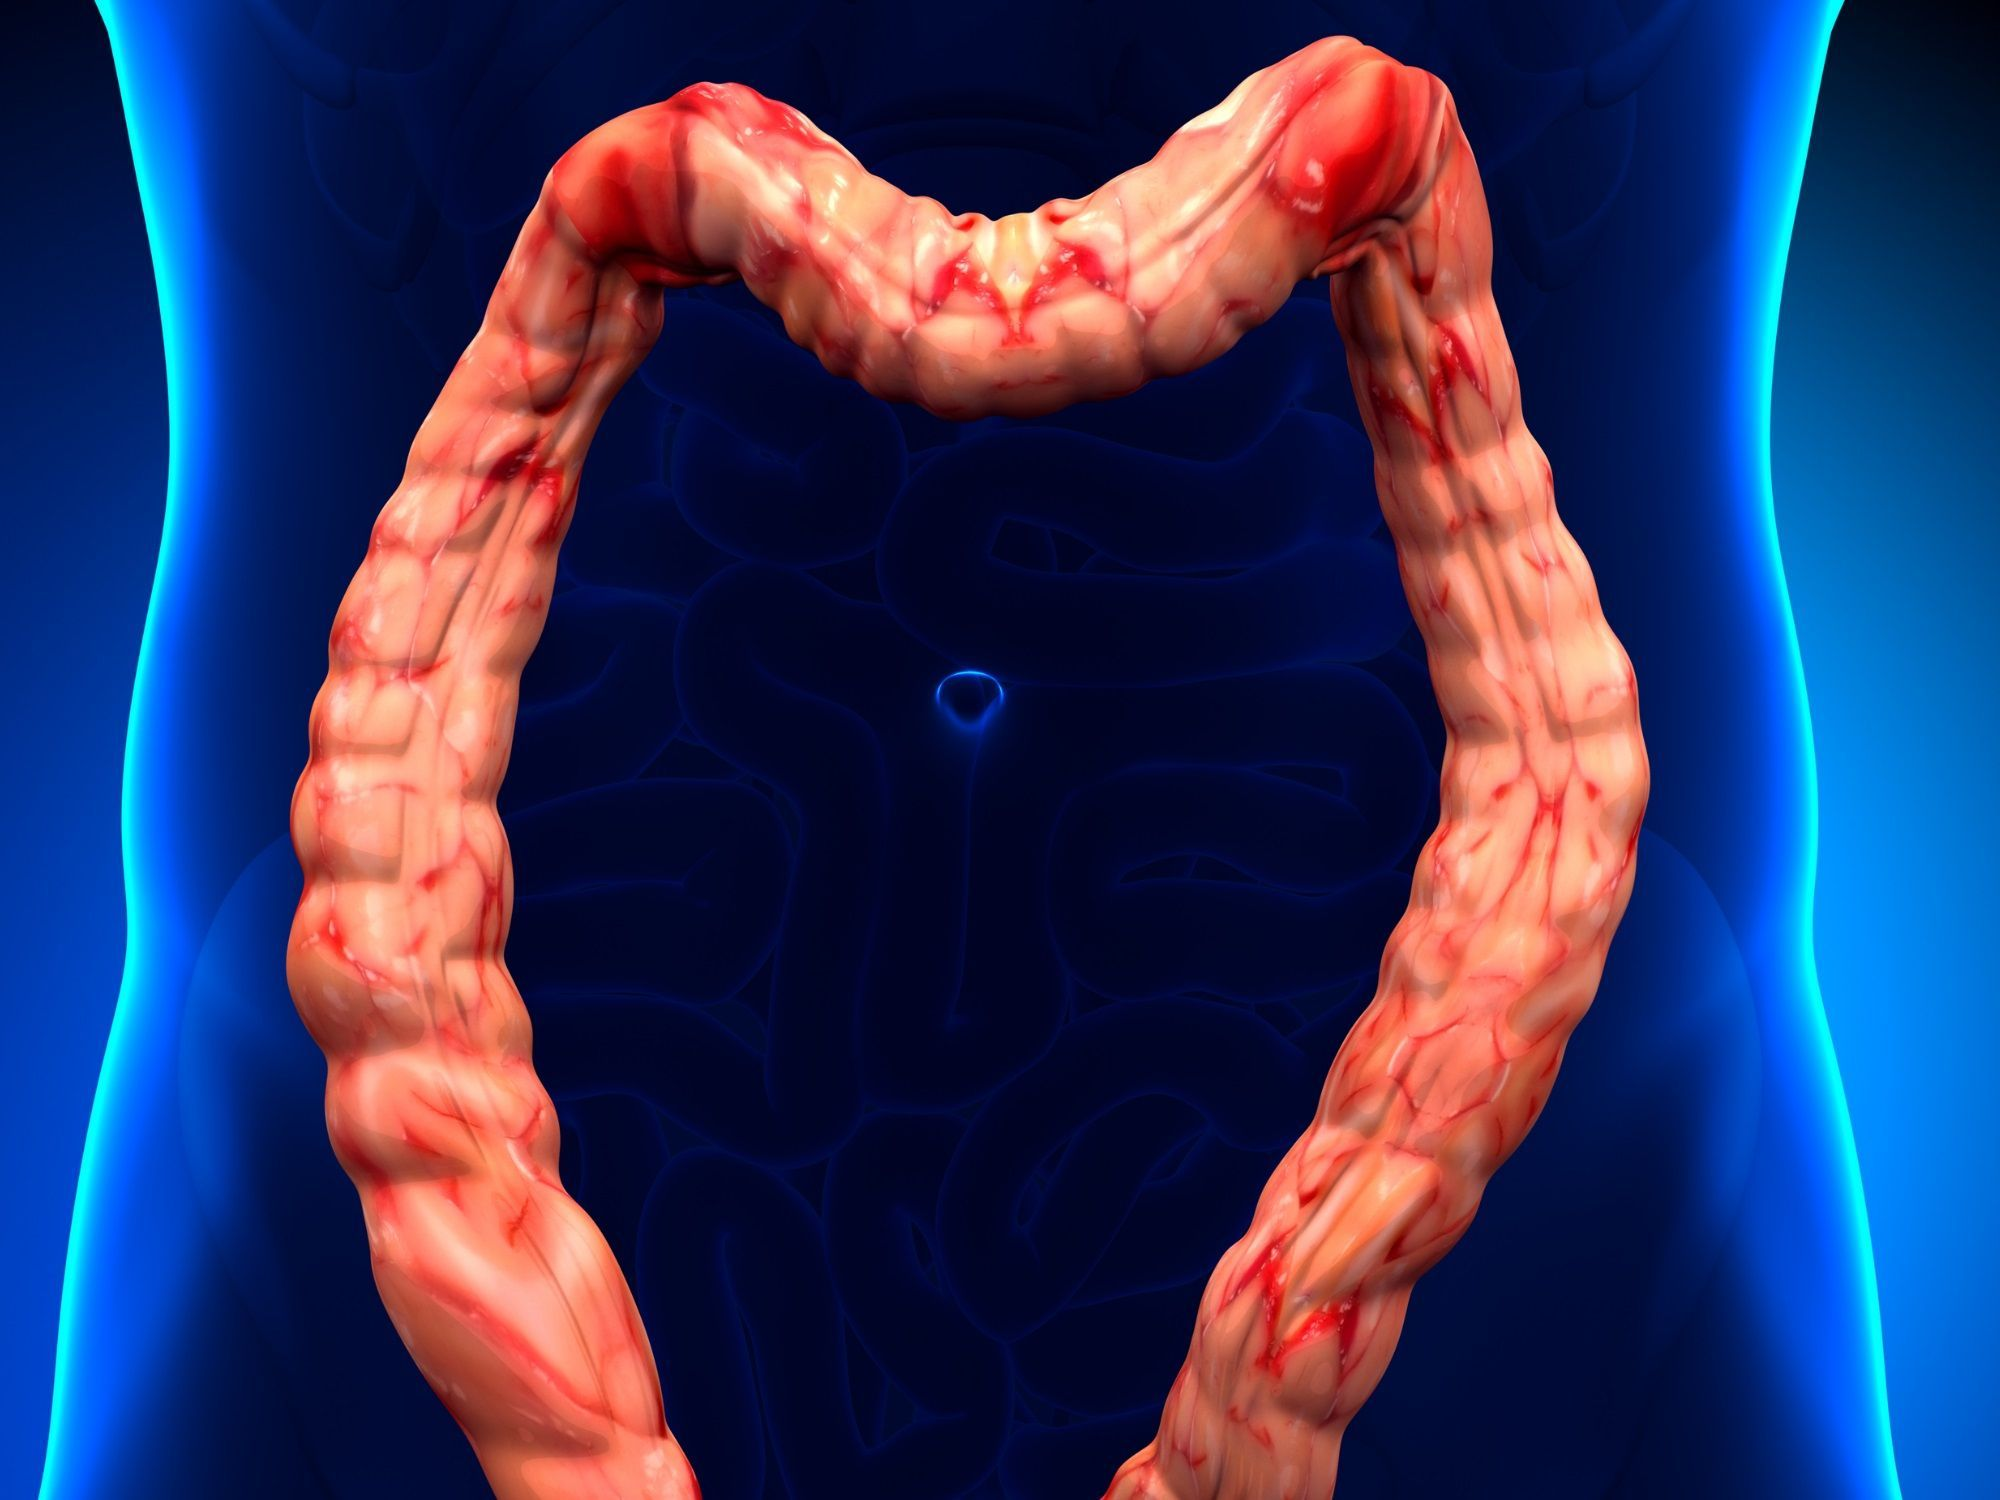 Dolichocôlon - Symptômes et traitement - Doctissimo